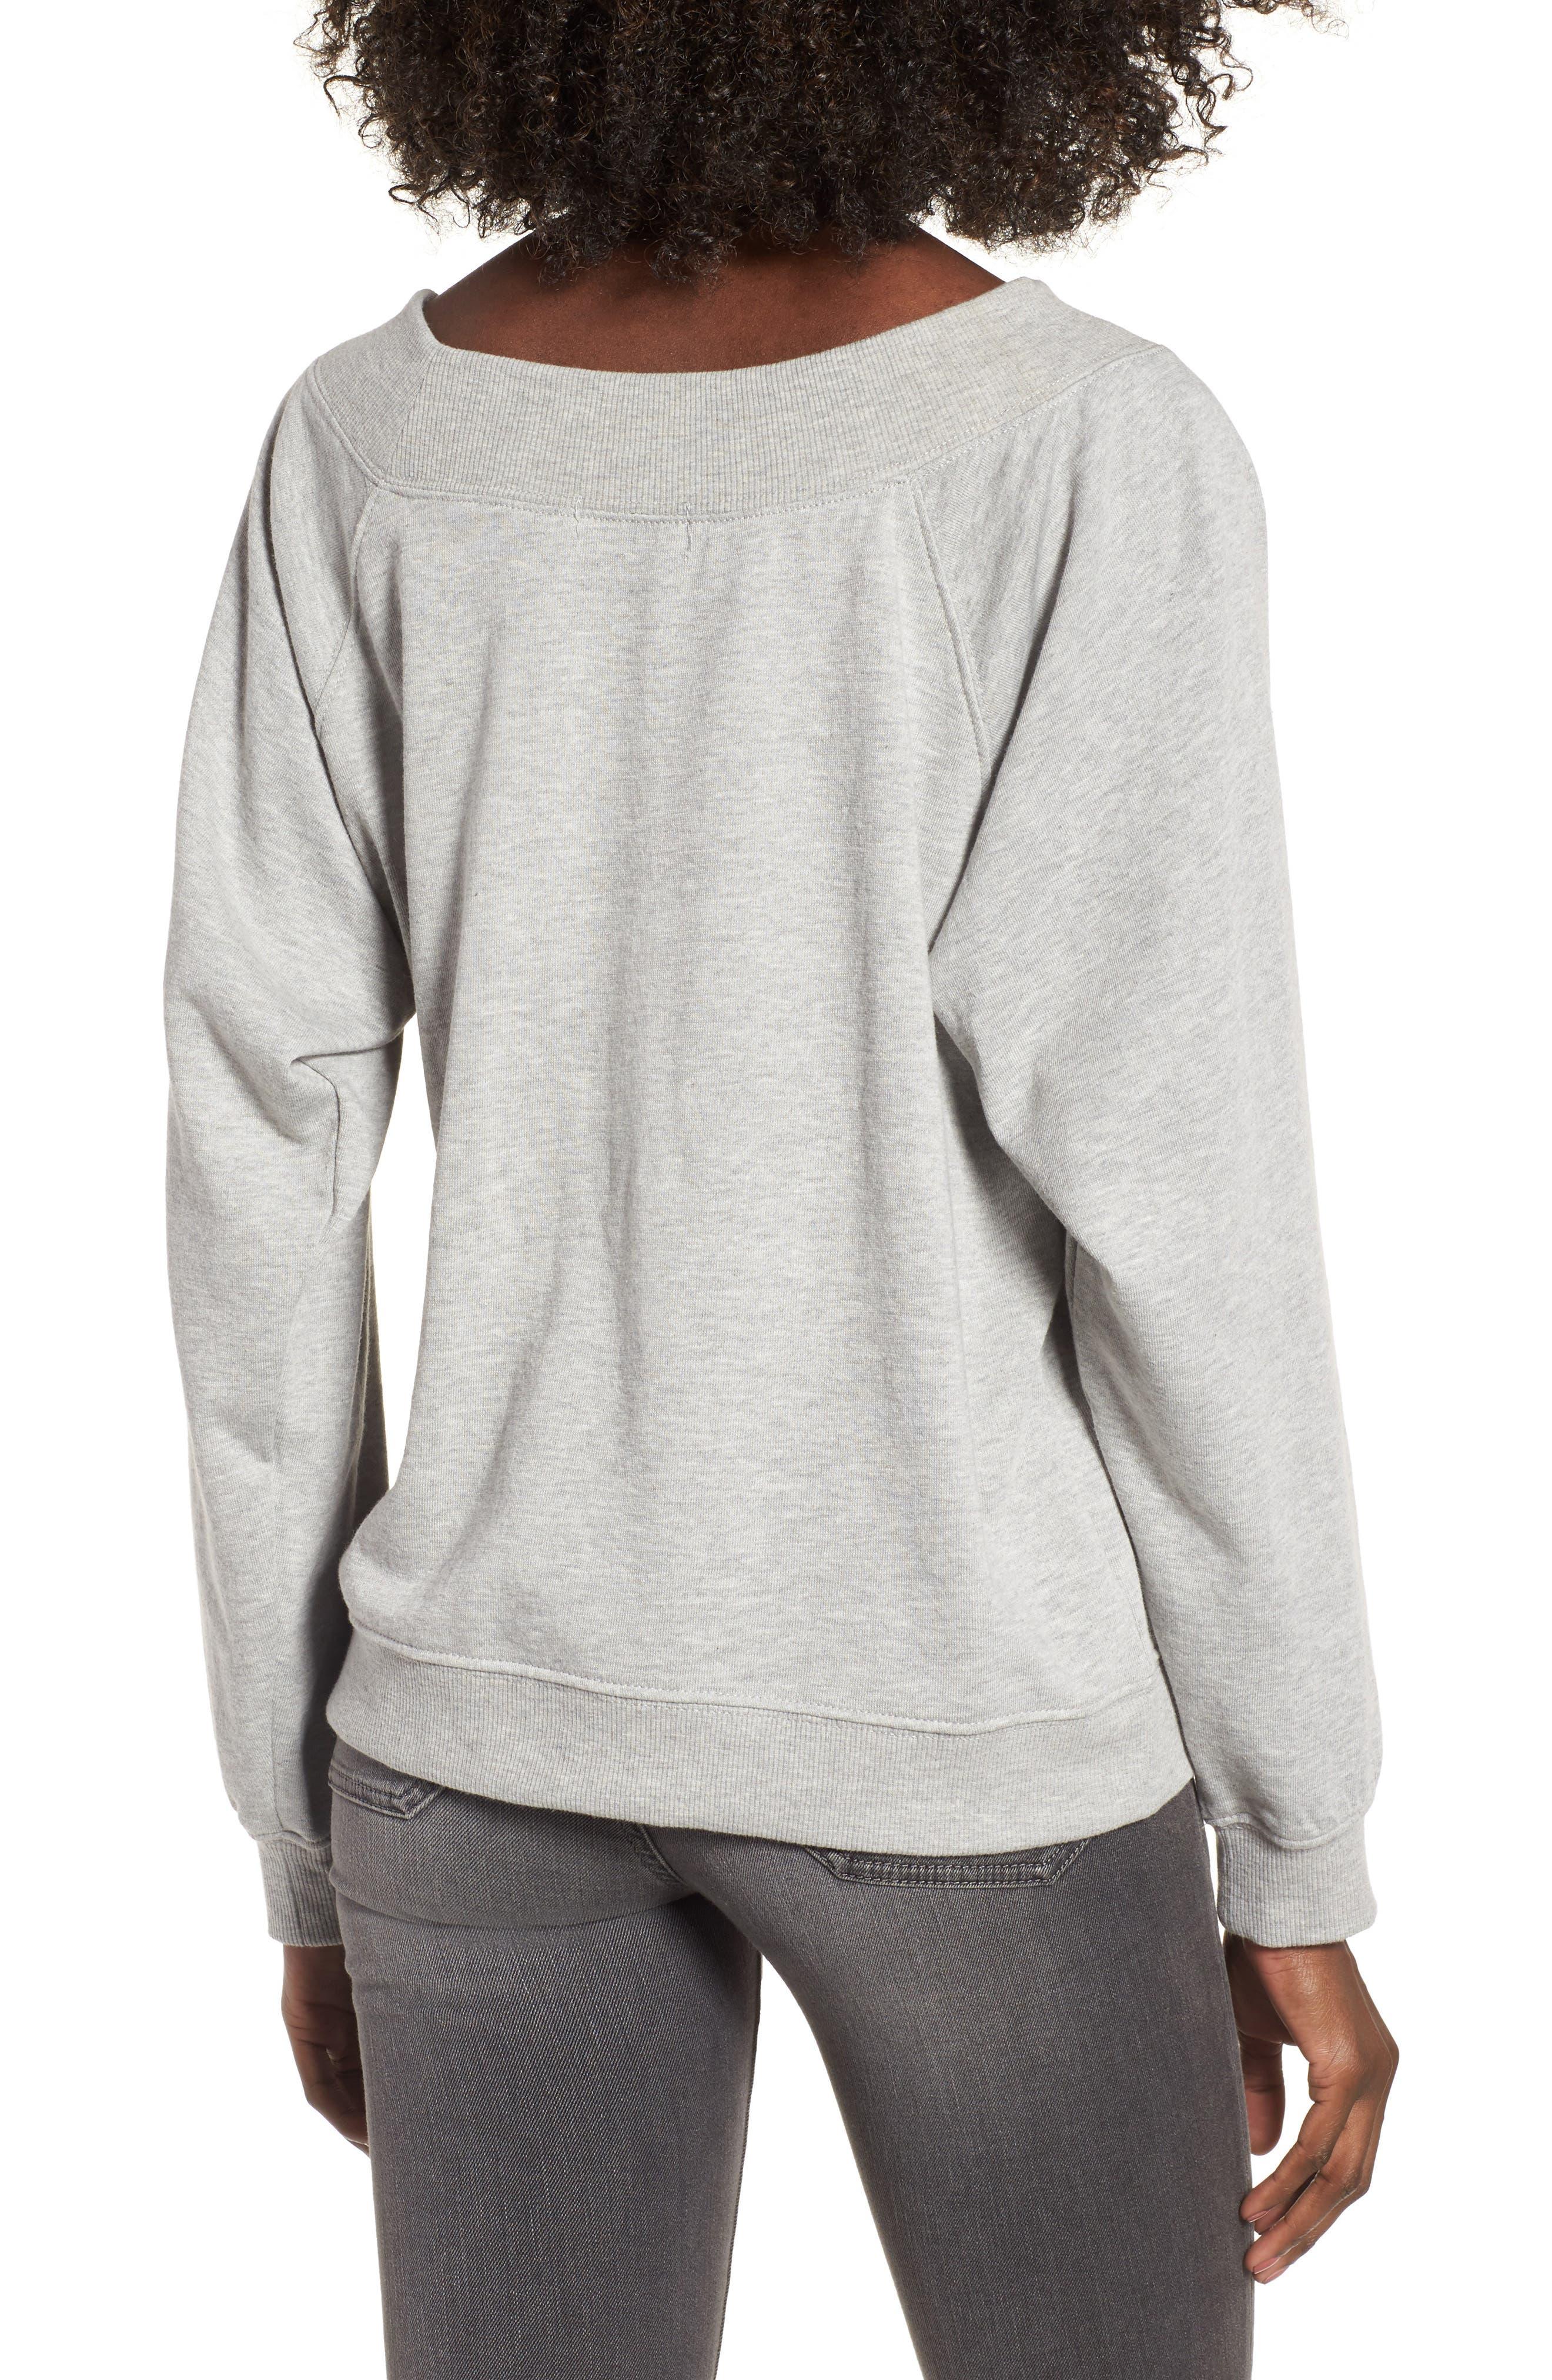 Embellished Off the Shoulder Sweatshirt,                             Alternate thumbnail 2, color,                             020